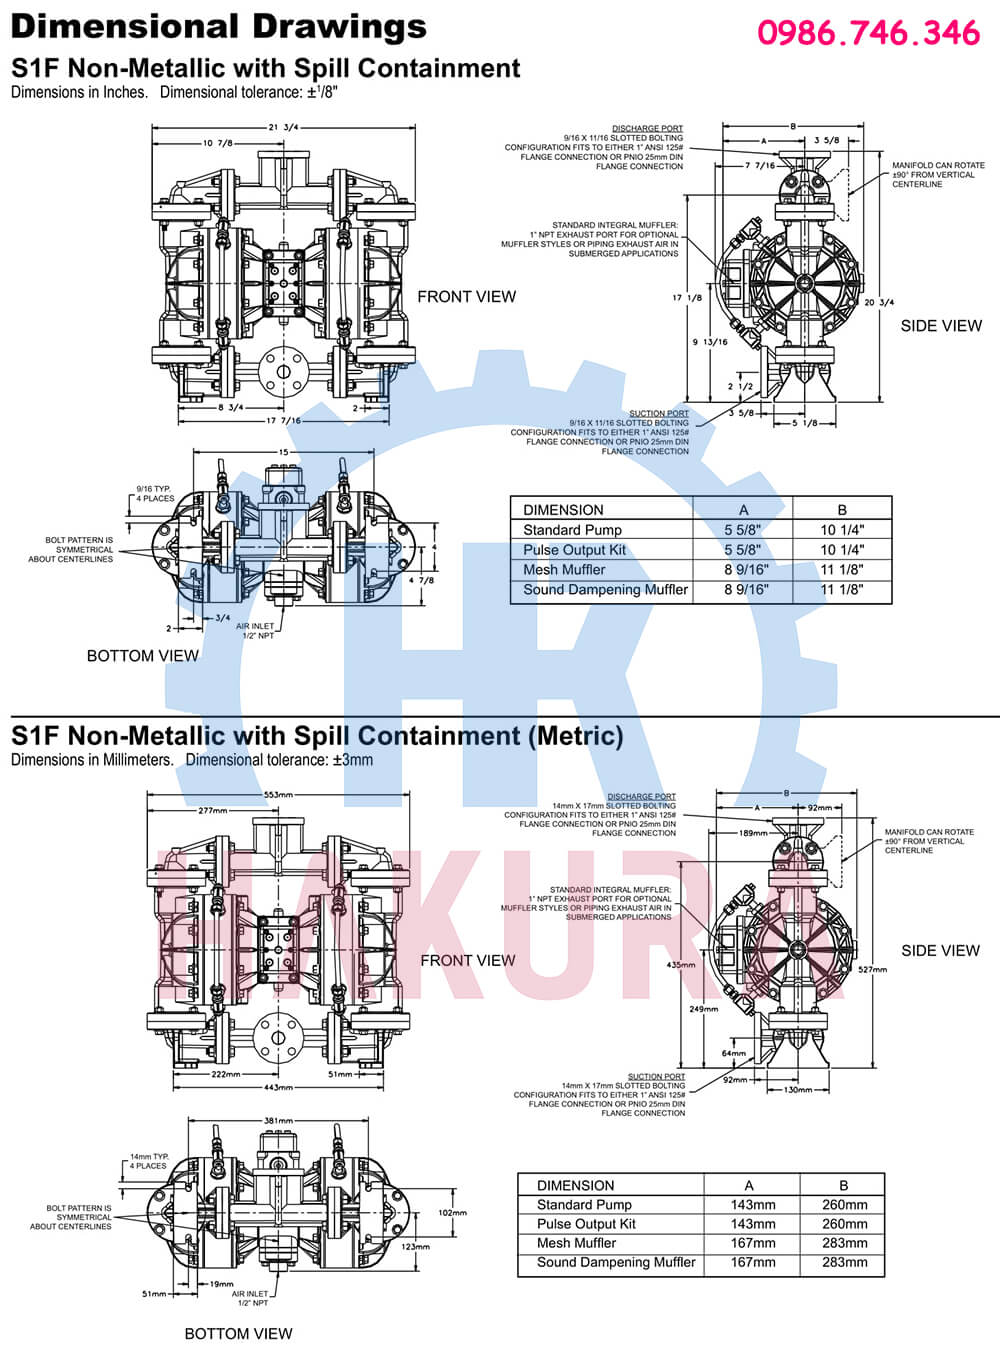 Bản vẽ cấu tạo bơm màng Sandpiper S1FB1ANWABS100 - 2